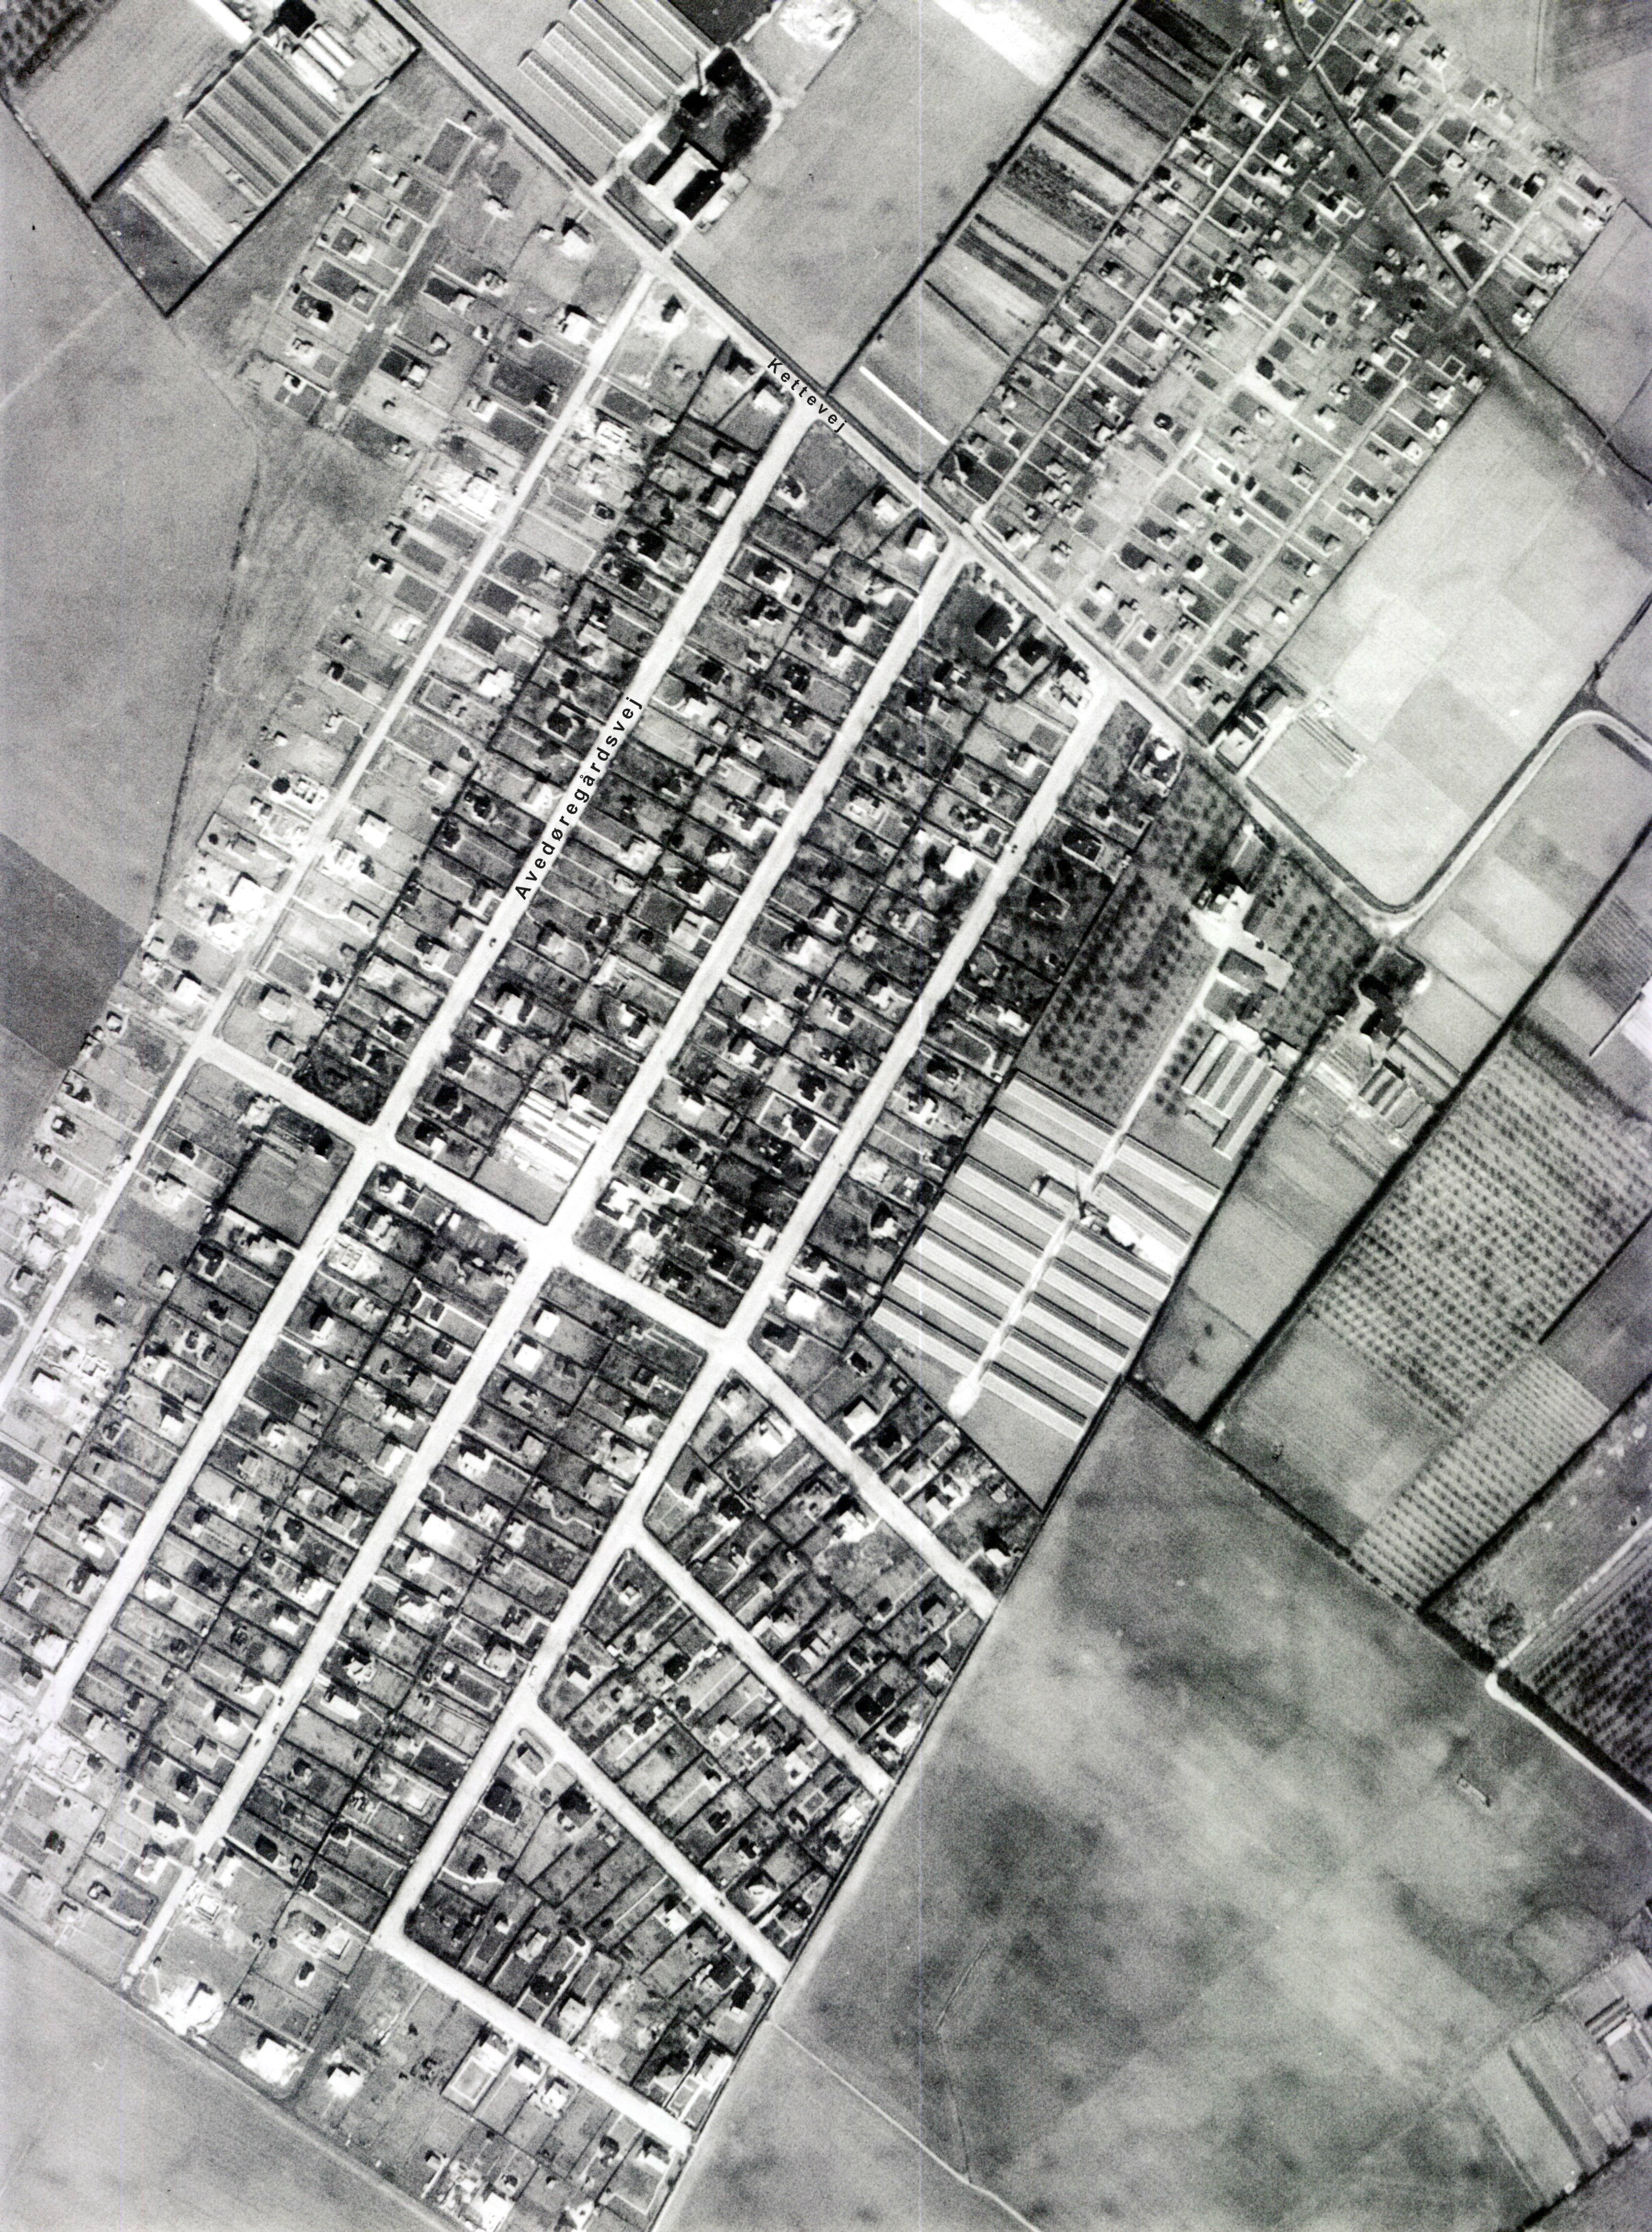 Hvidovre - Gamle Kort og Luftfoto